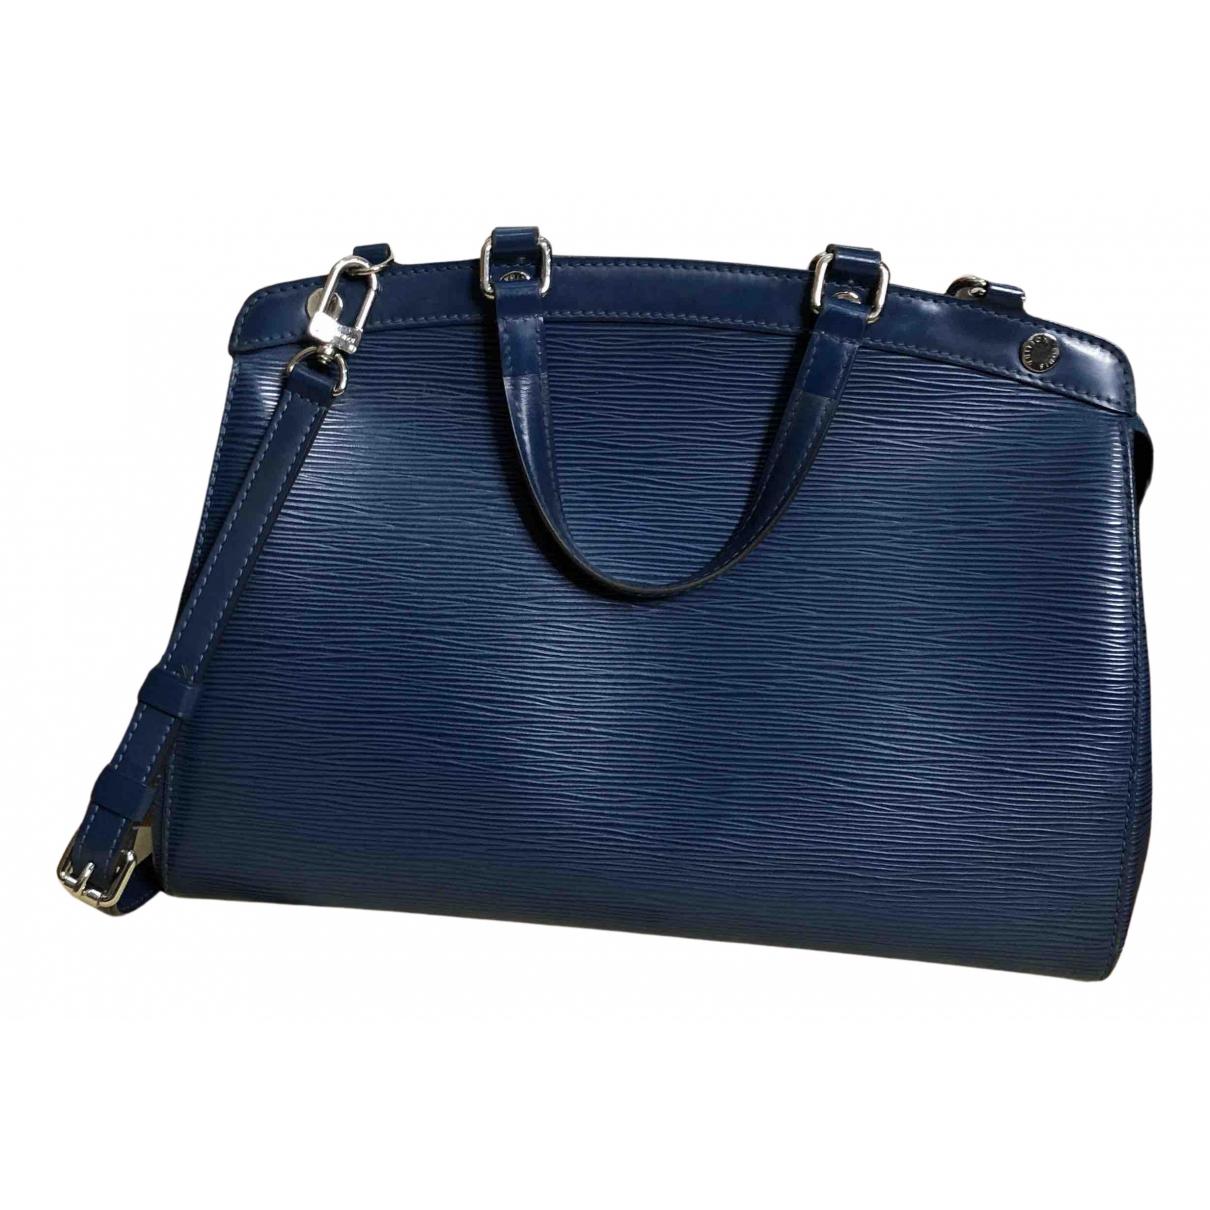 Louis Vuitton - Sac a main Brea pour femme en cuir - bleu